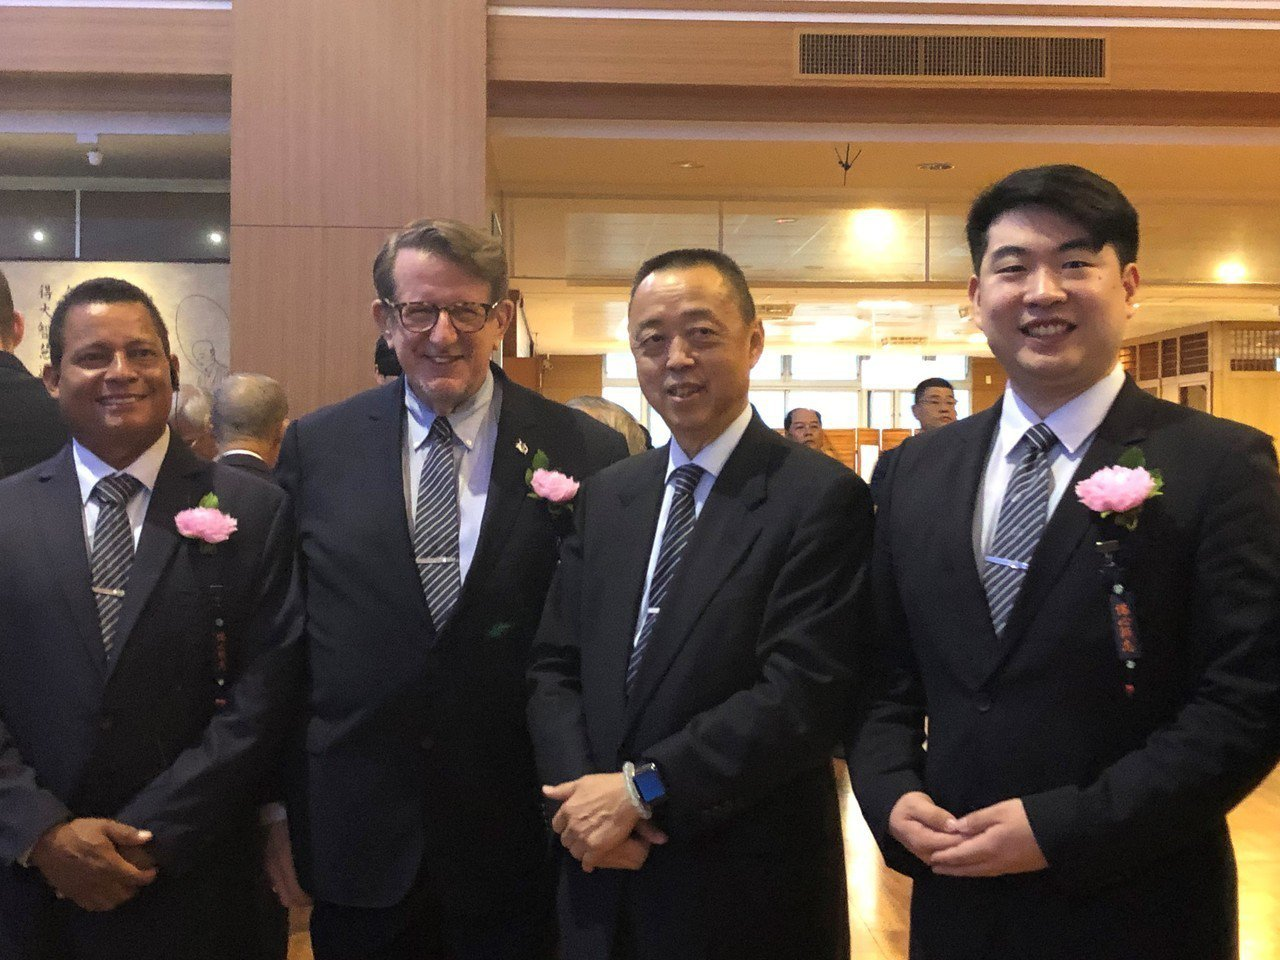 來自聯合國組織布魯斯‧諾茨(左二)、哈佛大學高材生朱冠豪(右一),2位都是協助聯...